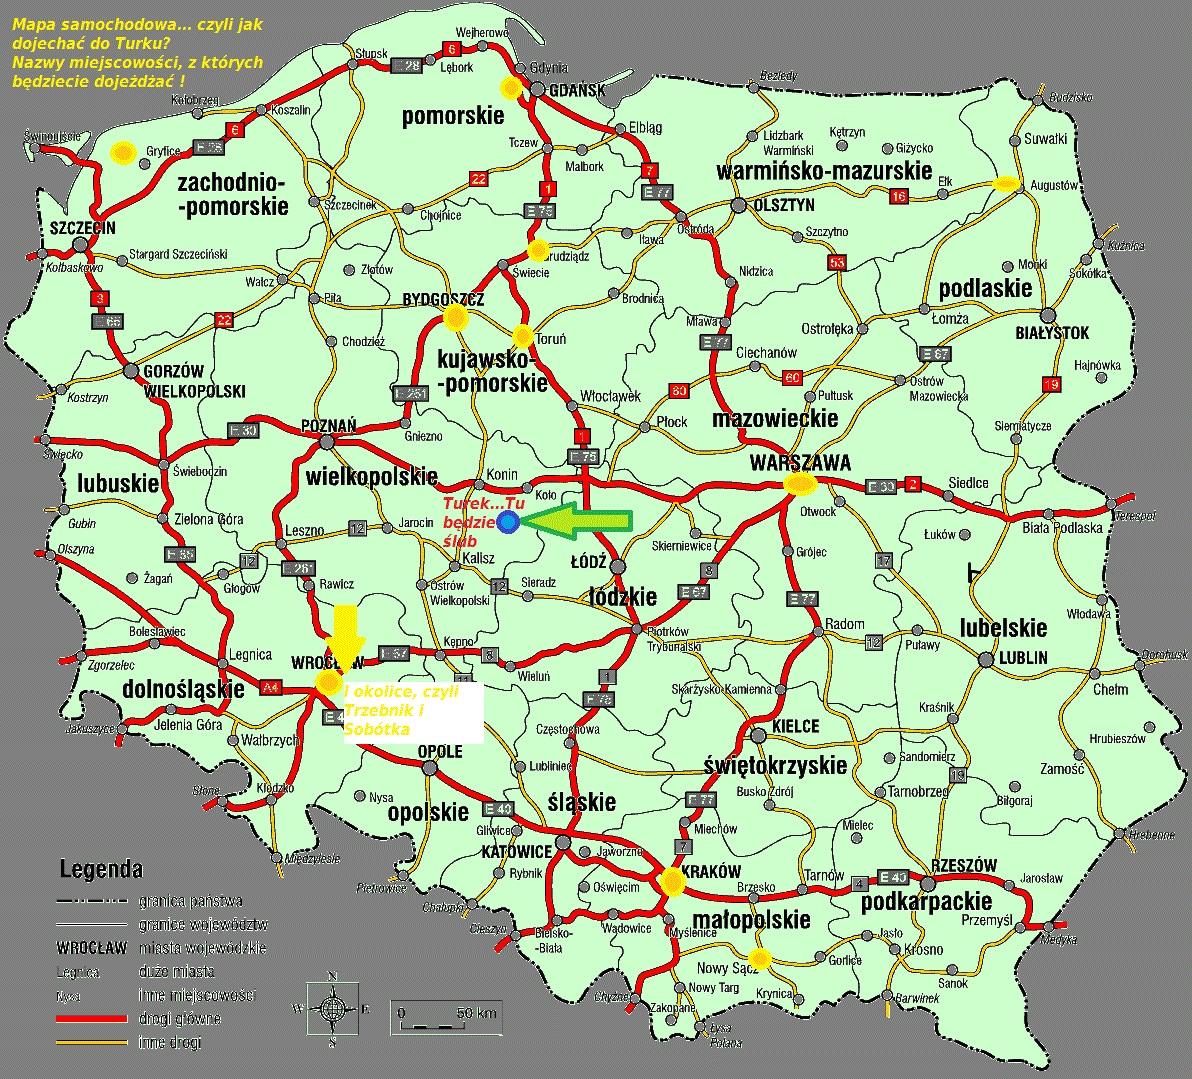 http://4.bp.blogspot.com/-lgyDJW2DAvk/UEnkvh3qqOI/AAAAAAAAAqE/SXCQBmv2oKg/s1600/polskie%2Bdrogi.jpg